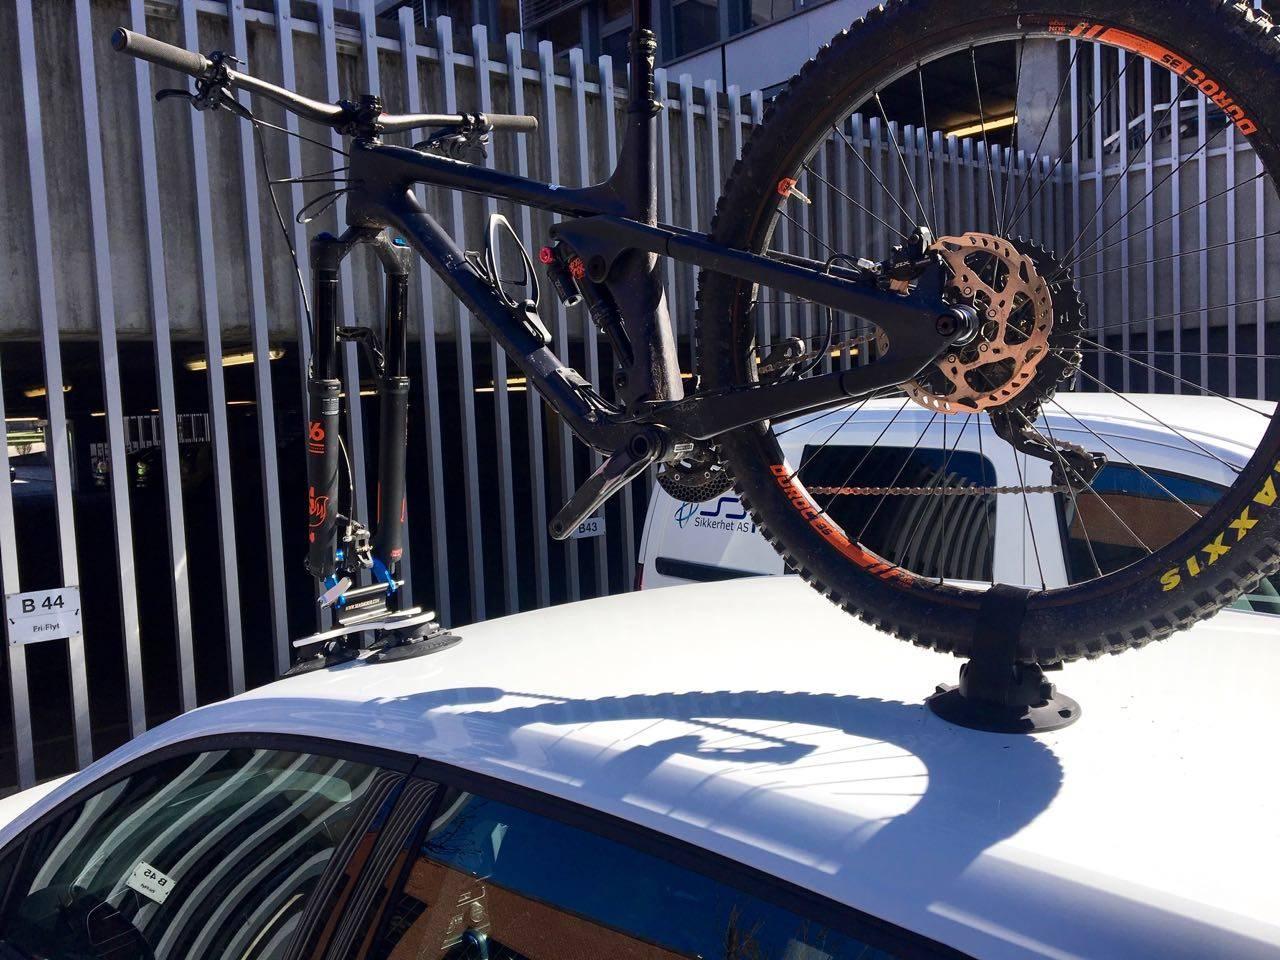 SUGD FAST: Seasuckers Talon-stativ holder sykkelen din godt fast på taket. Alle foto: Øyvind Aas